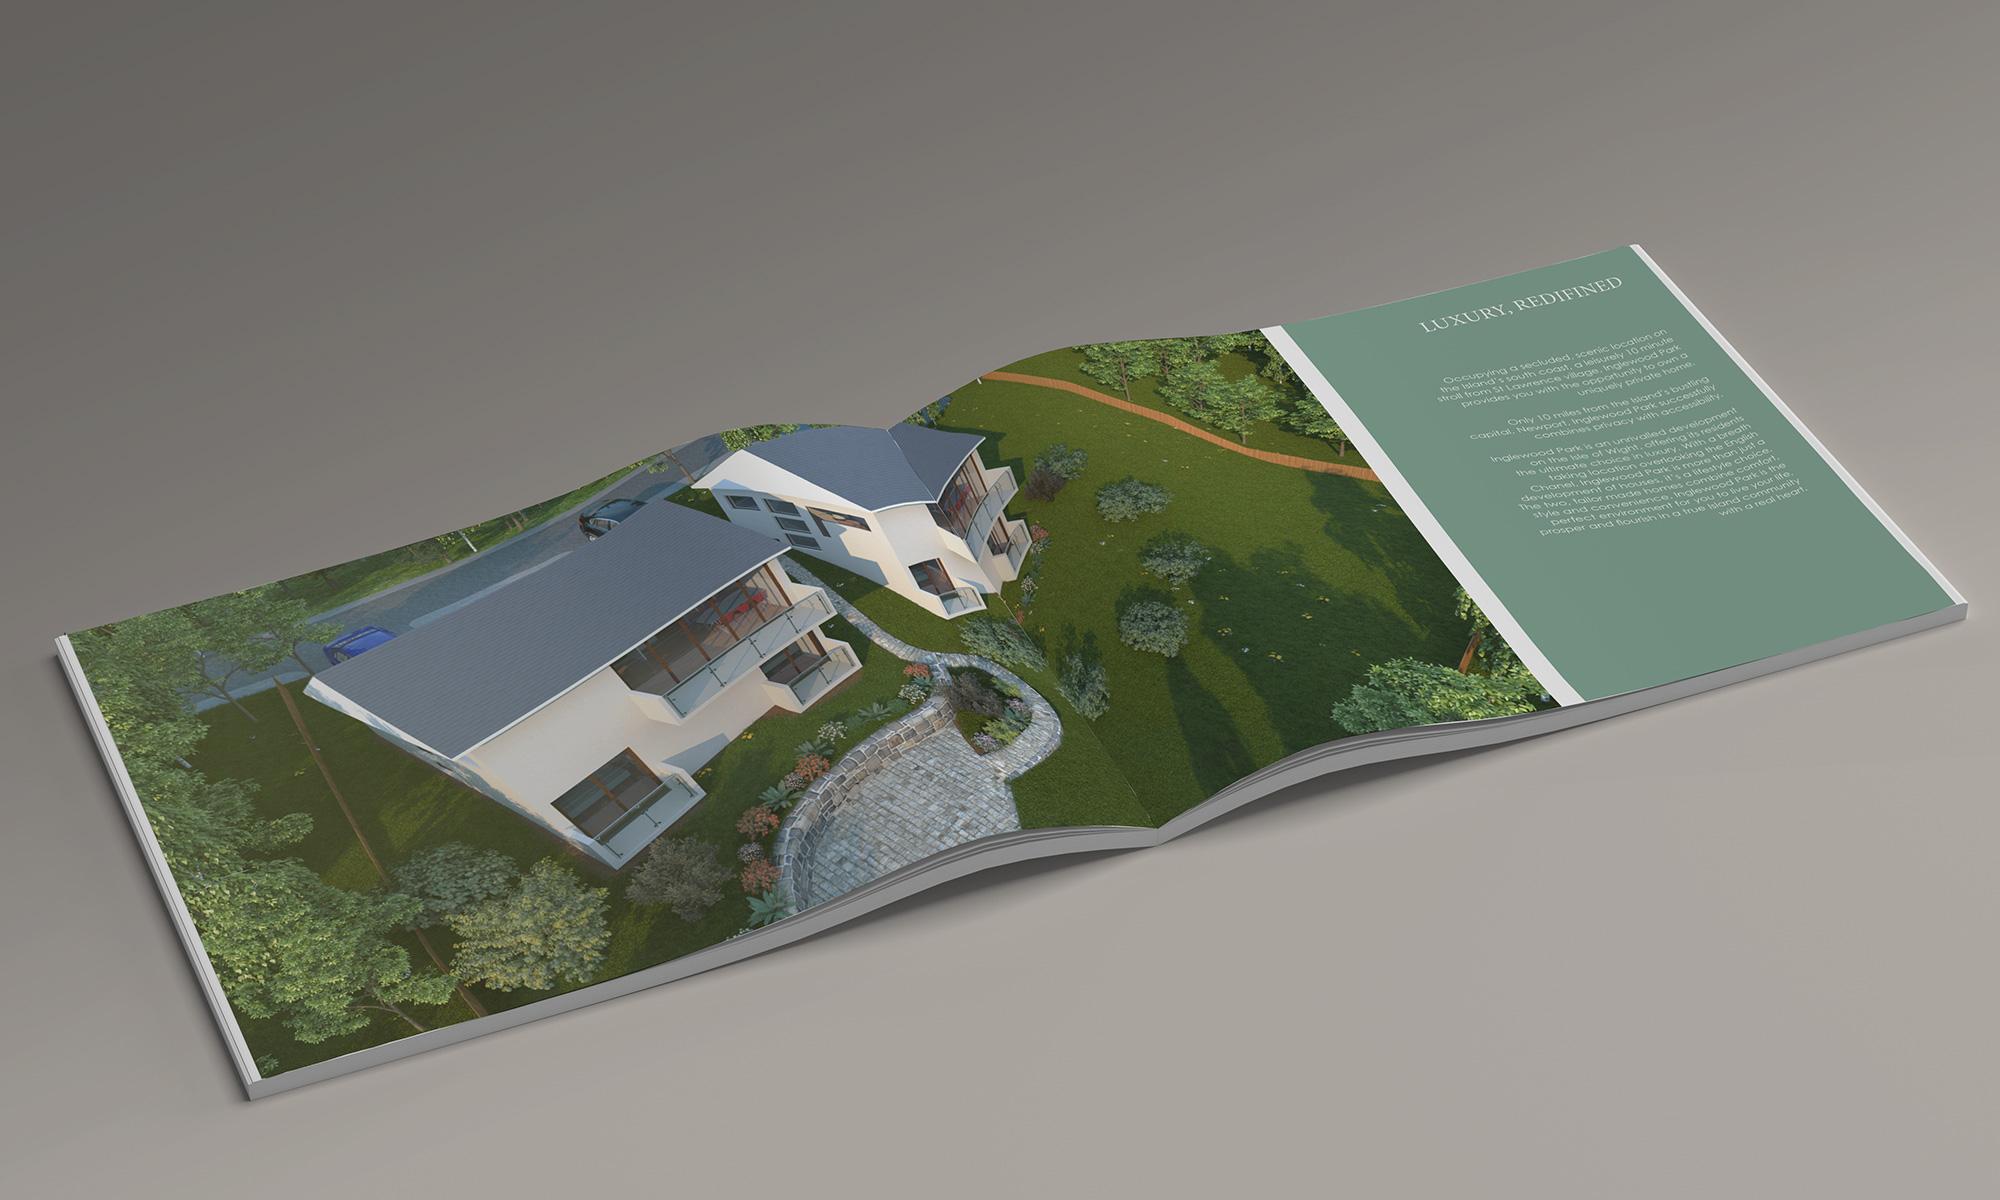 PROPERTY BROCHURE DESIGN - Pixelo Design